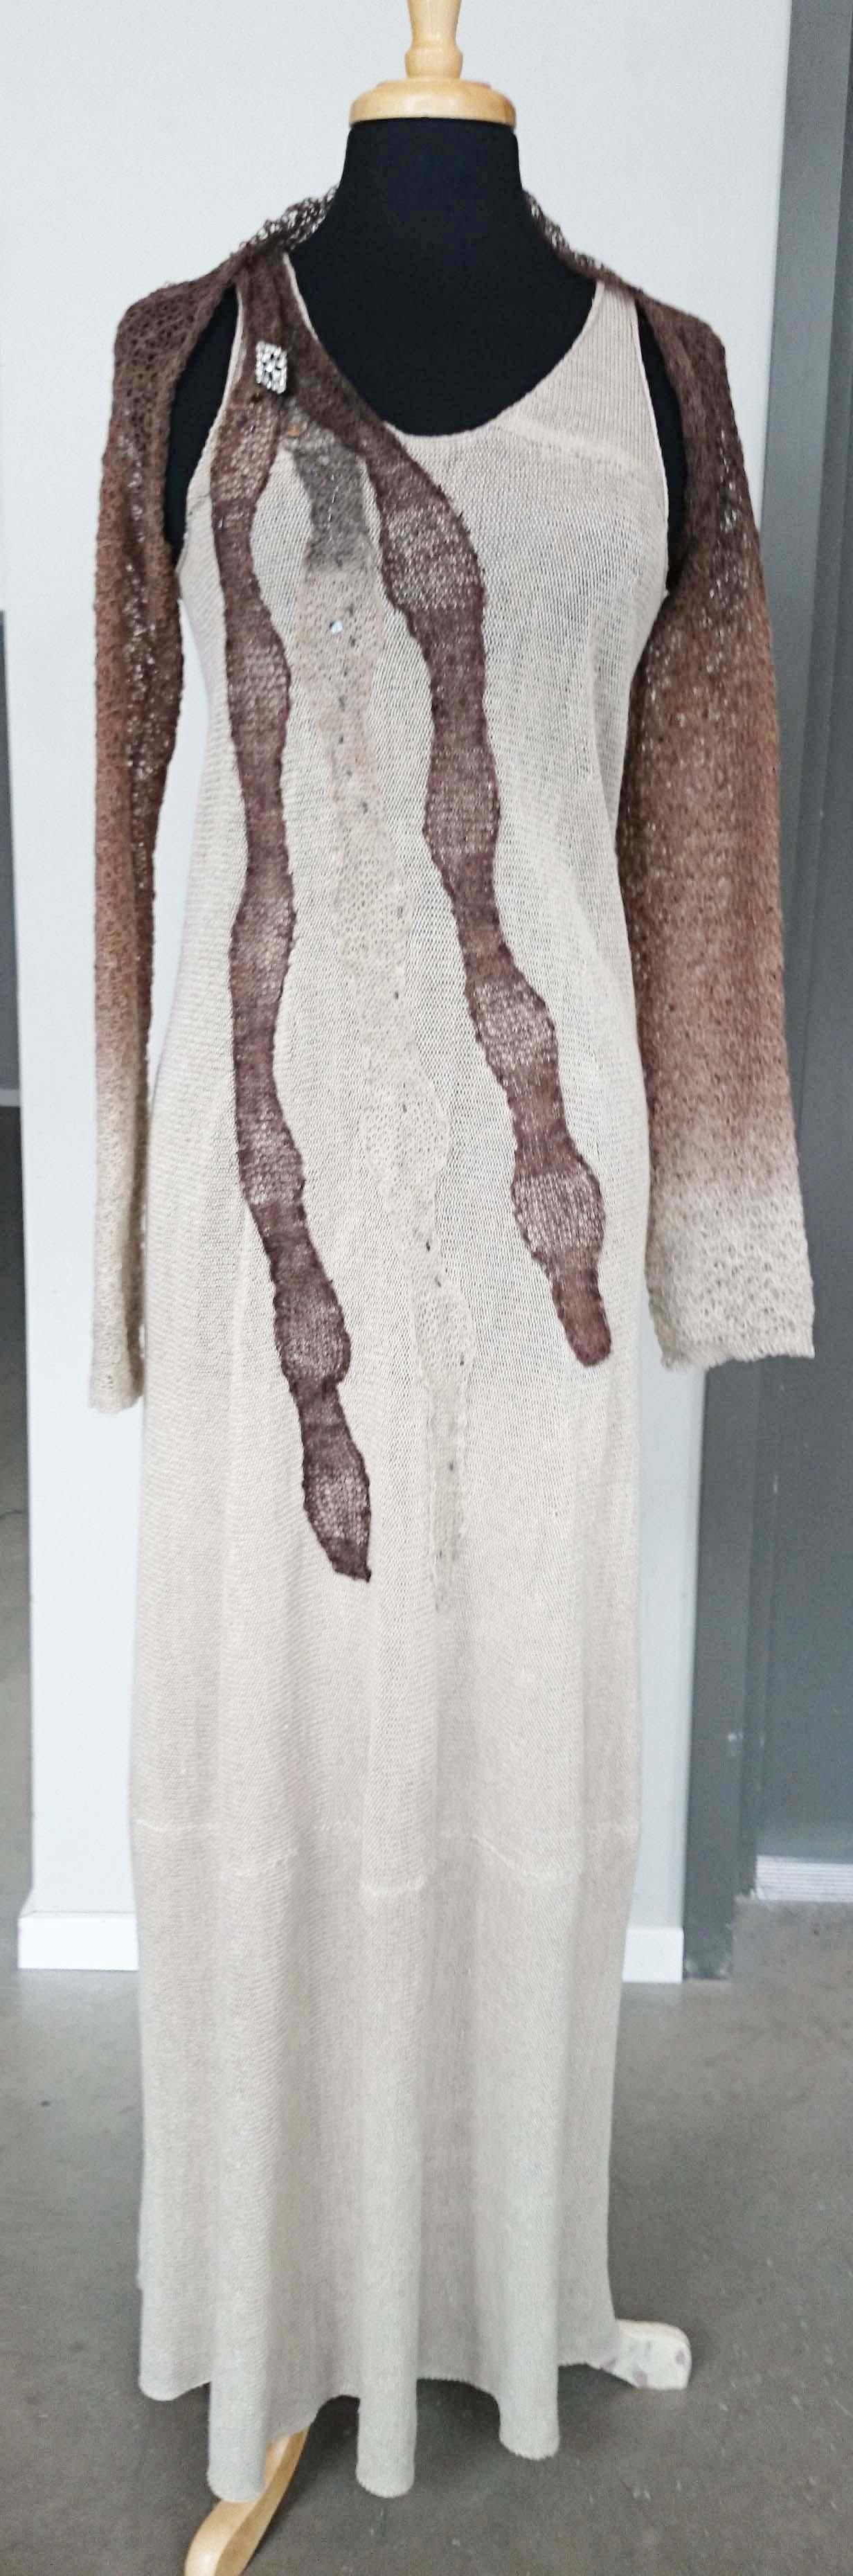 Lin klänning med brun ull dekoration.jpg